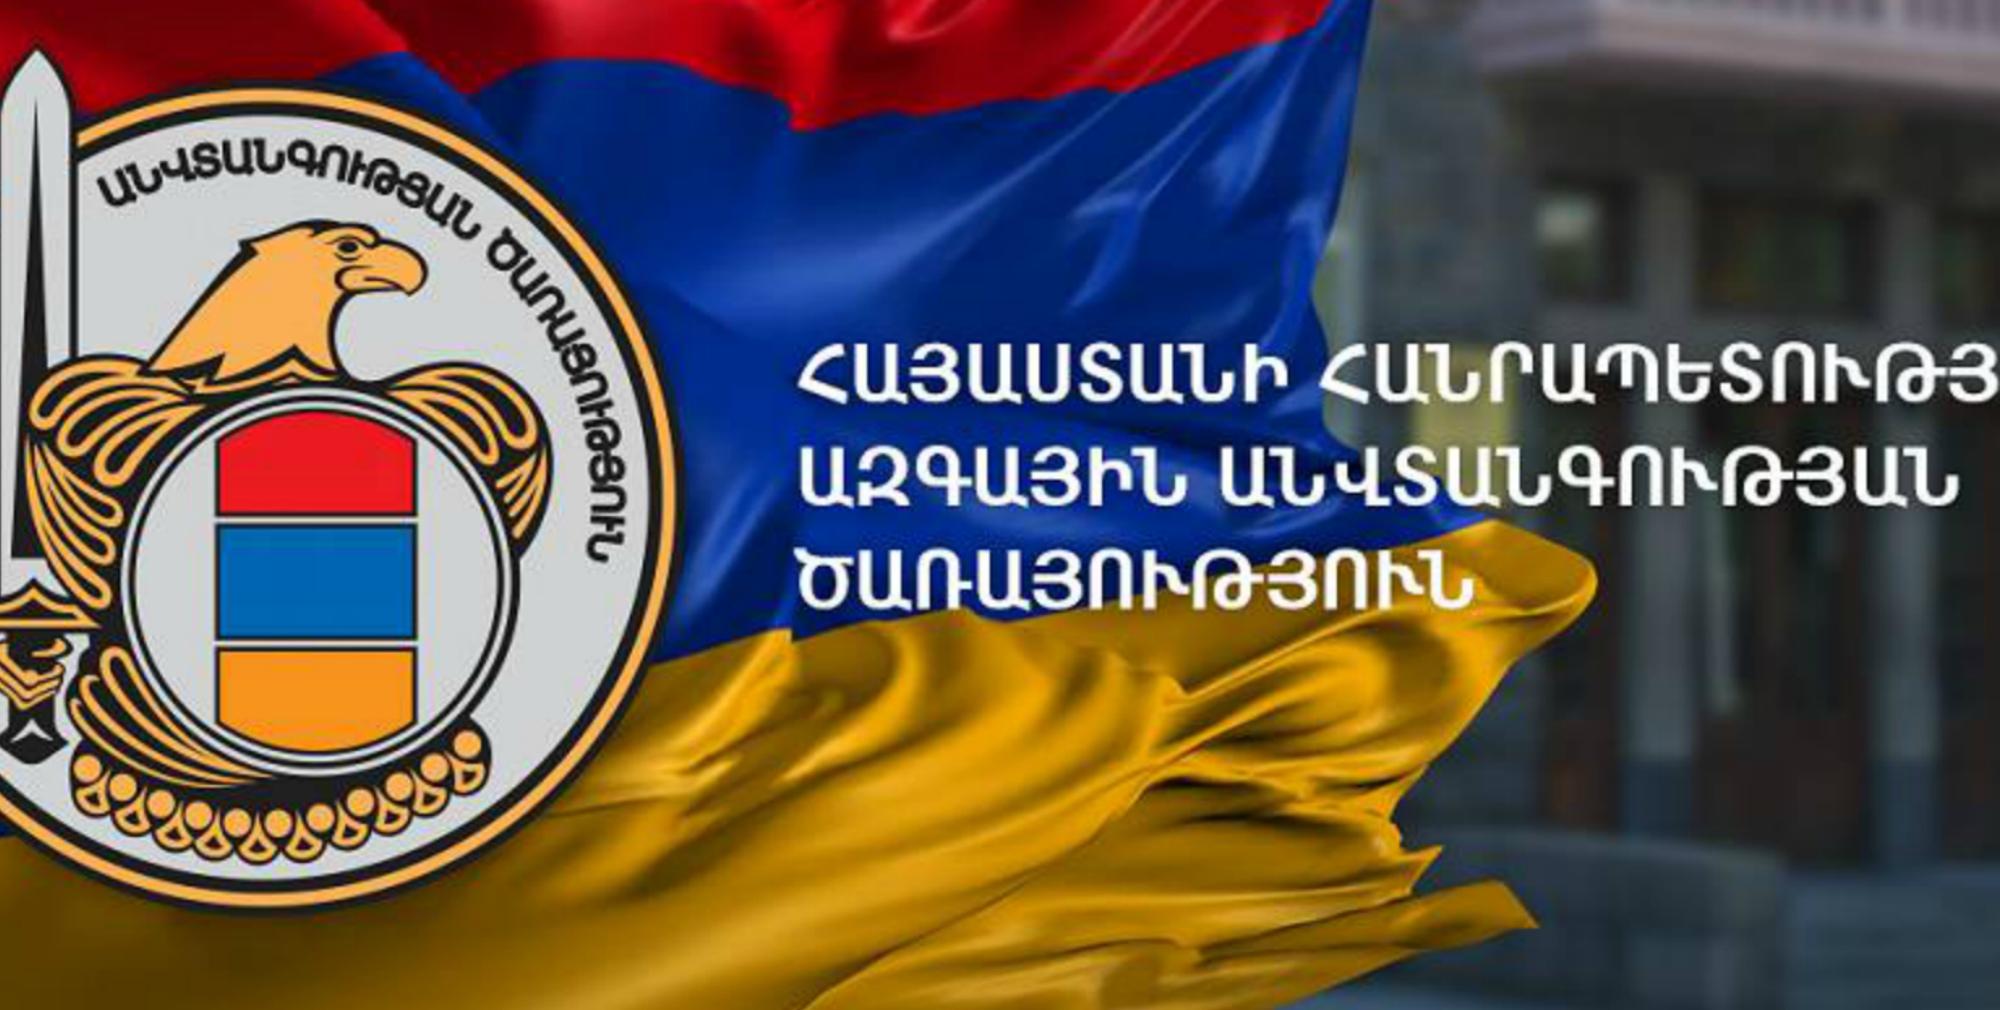 Երևանում թալանել են ԱԱԾ հաշվեկշռում գտնվող շենքը, այնուհետև դիտավորությամբ վնասել գույքը